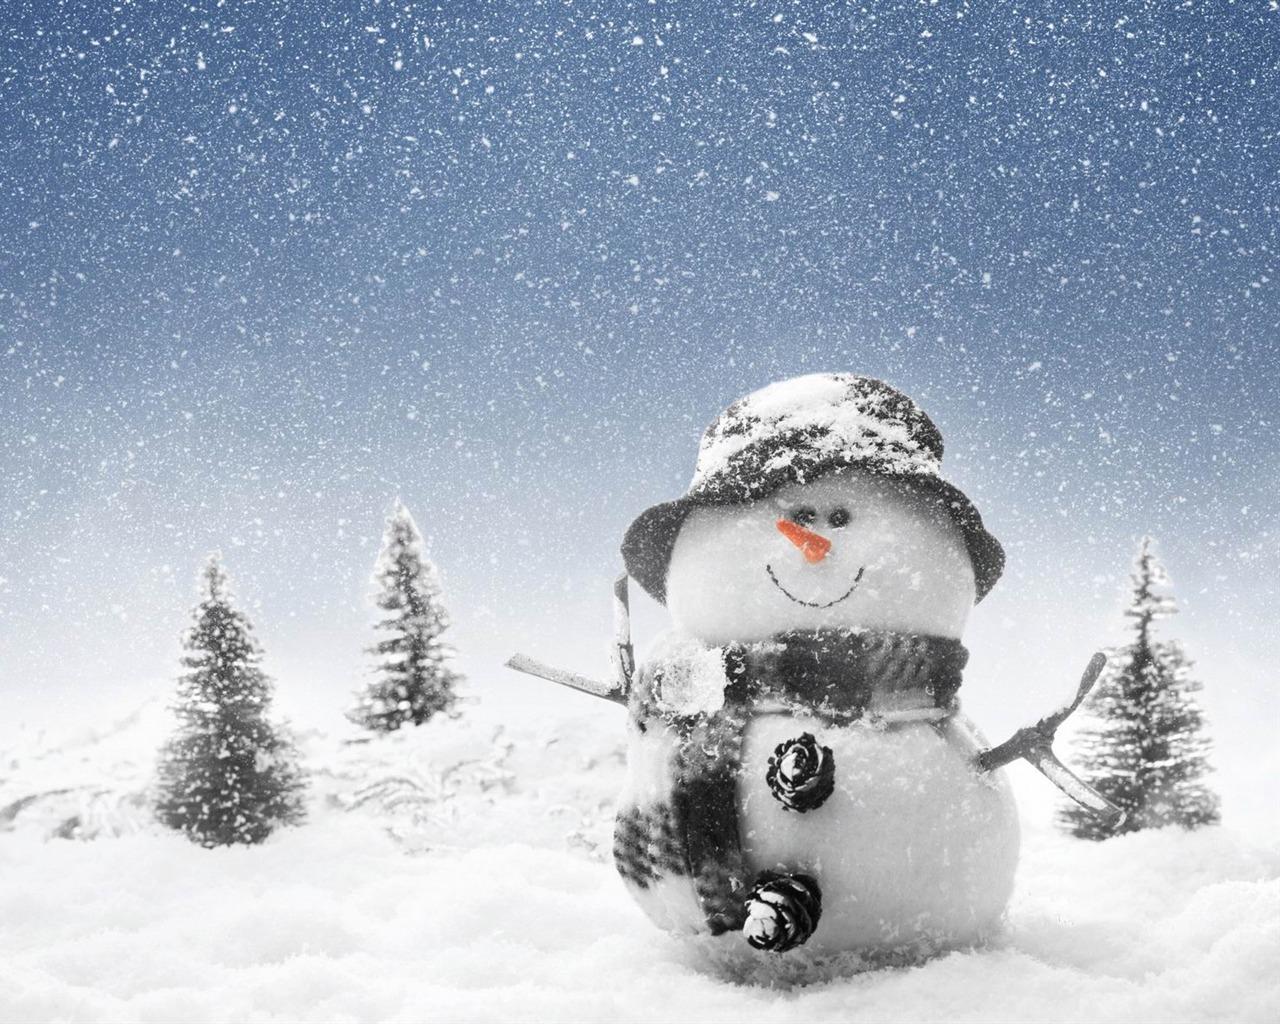 cute snowman Christmas HD computer wallpaper 06   1280x1024 wallpaper 1280x1024